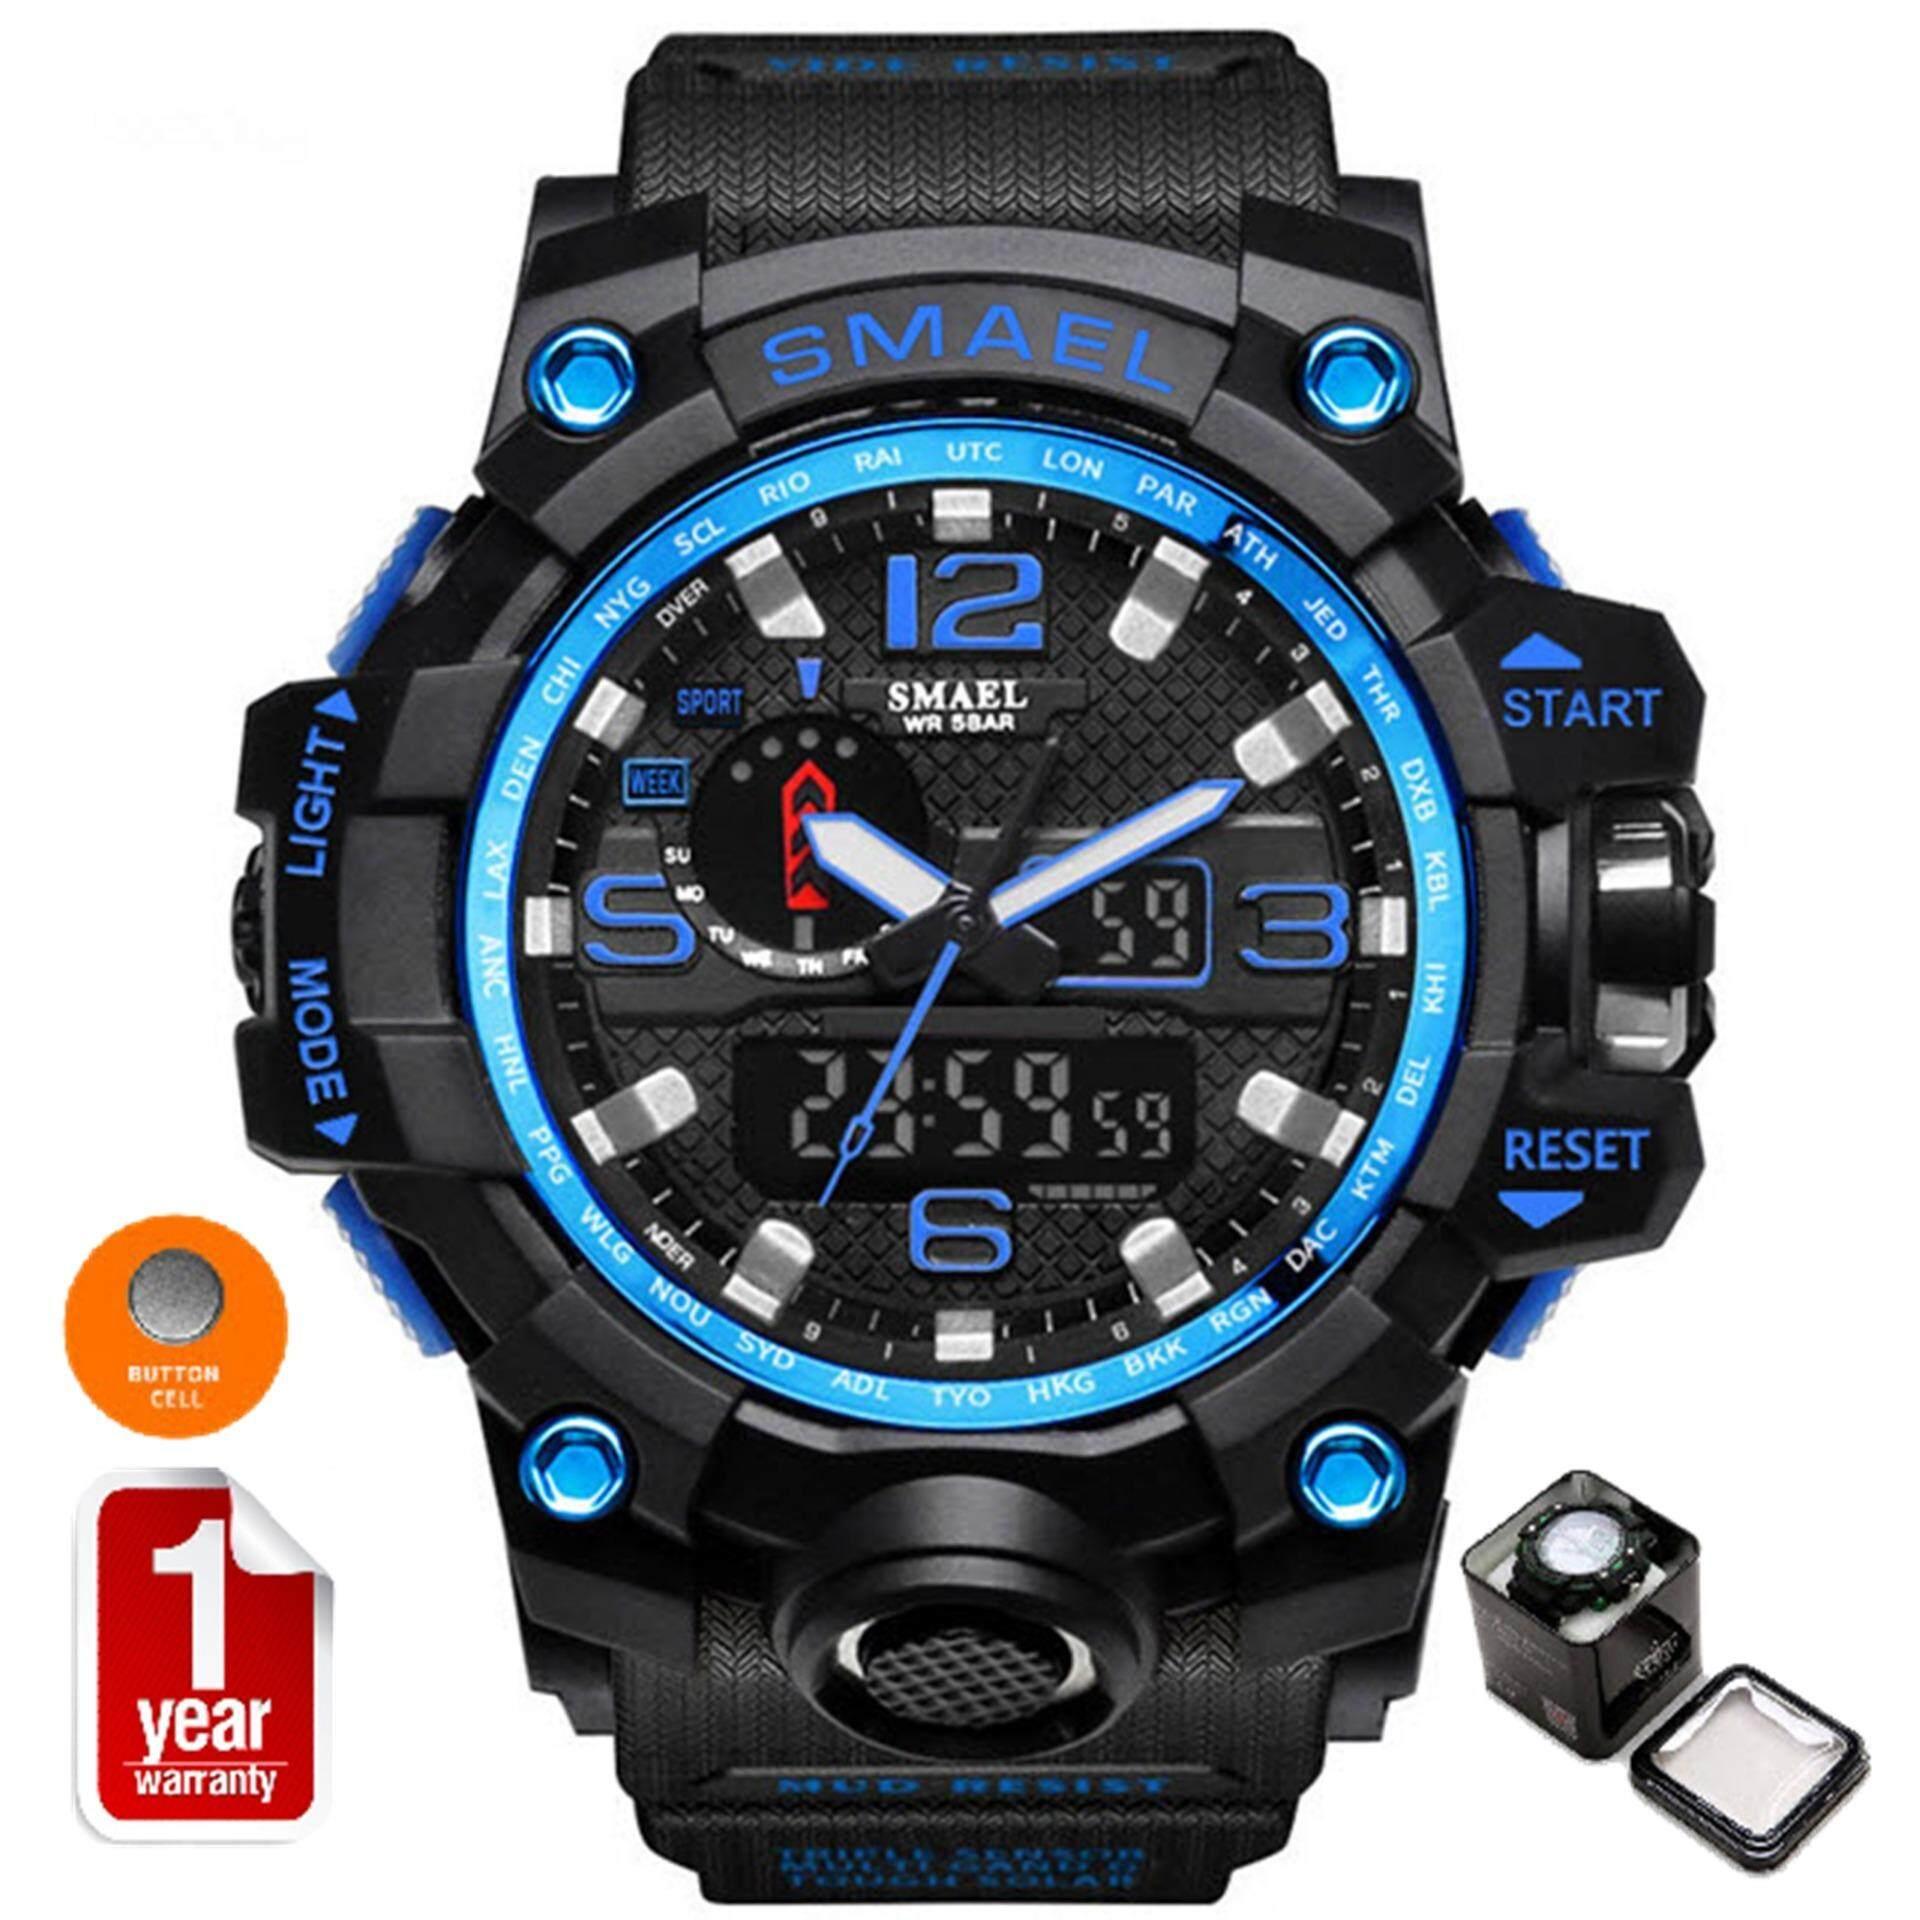 โปรโมชั่น Smael นาฬิกาข้อมือผู้ชาย Sport Digital Led รุ่น Sm1545 Black Blue Smael